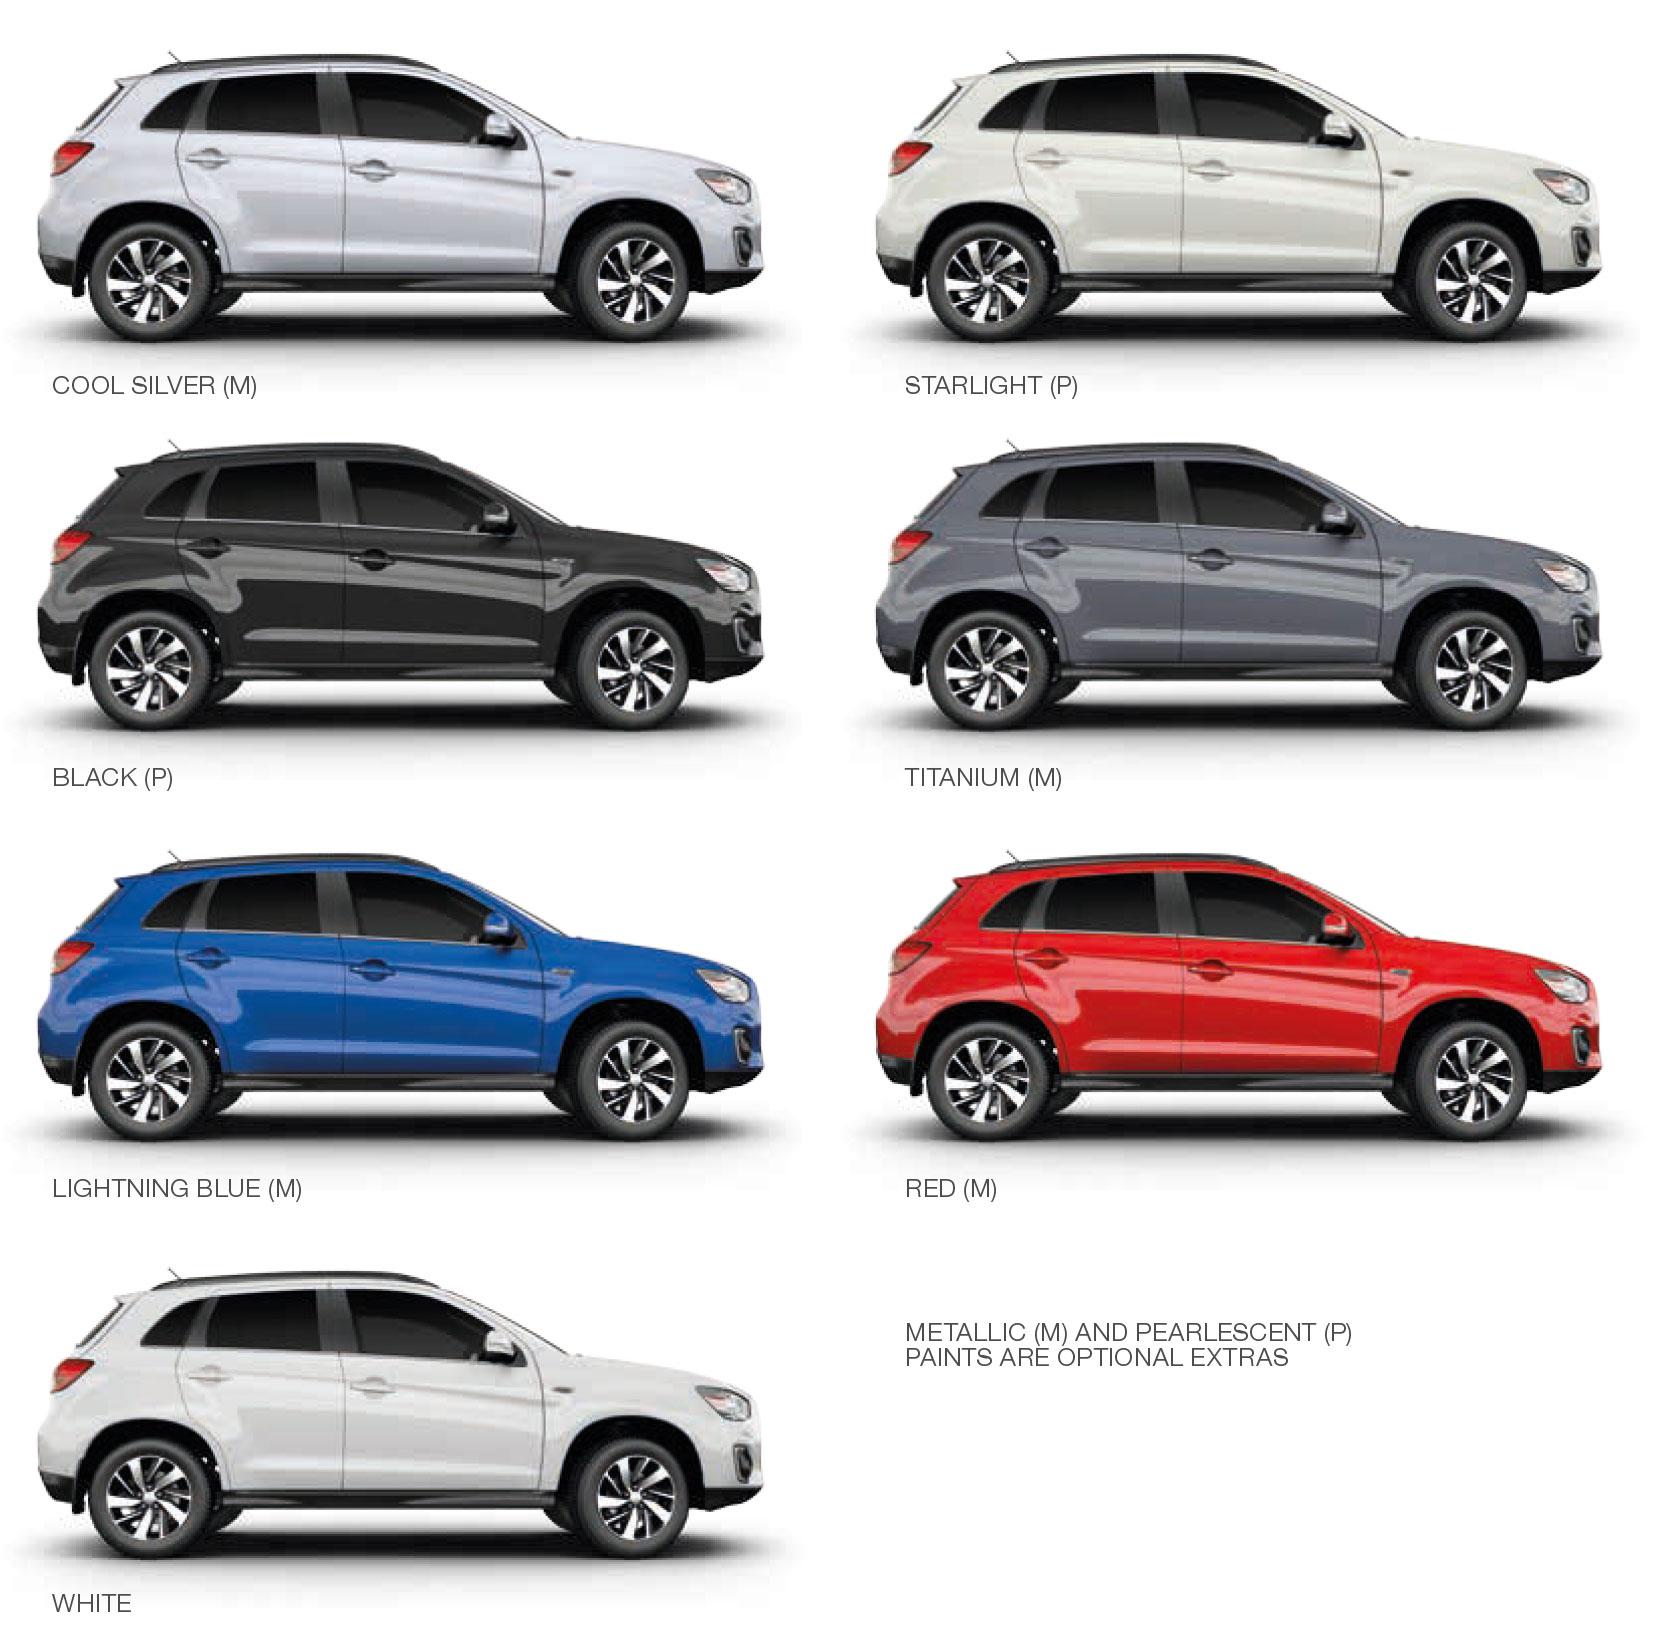 Mitsubishi Asx Review Auto Express Autos Post Autos Post